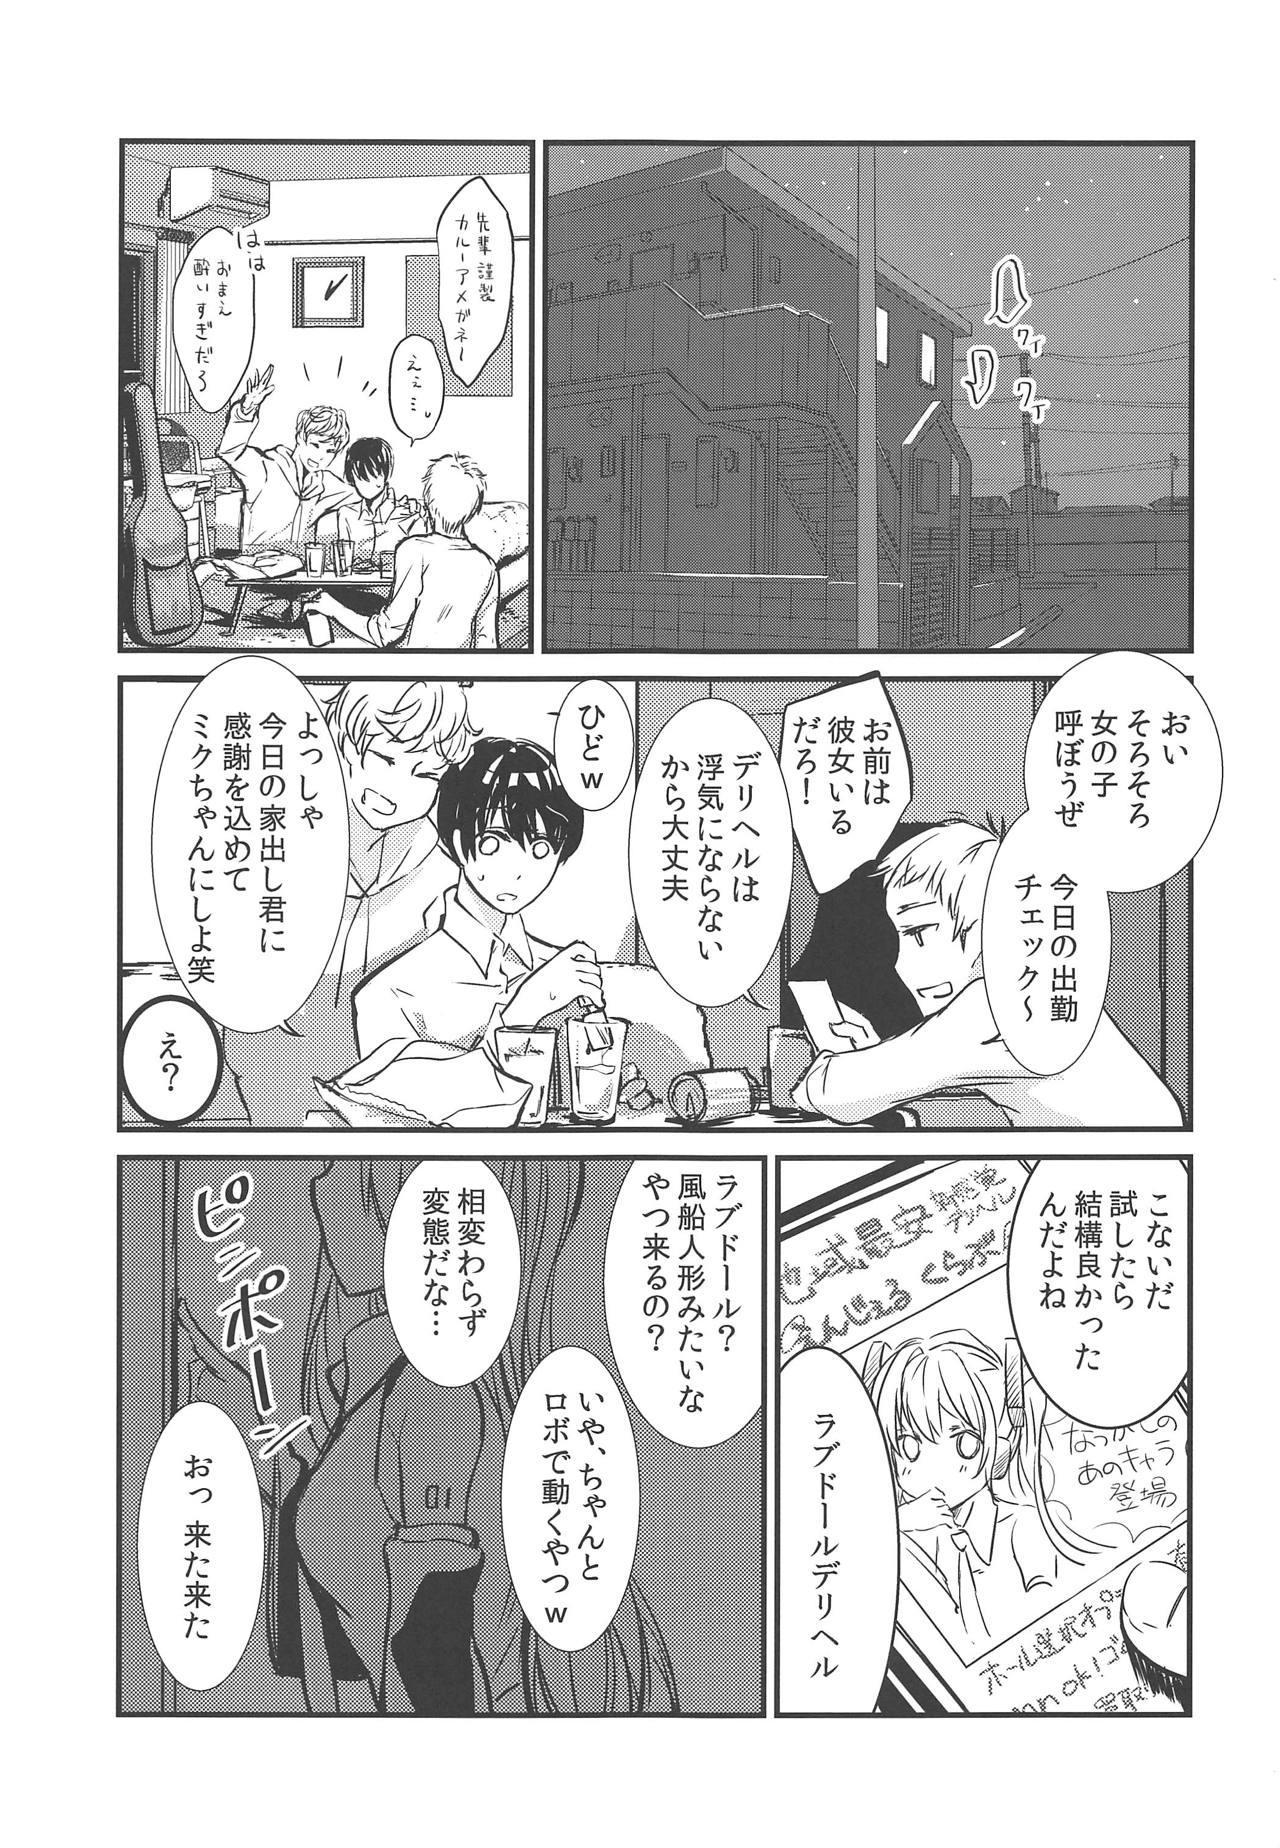 Natsu no Hatsune 1